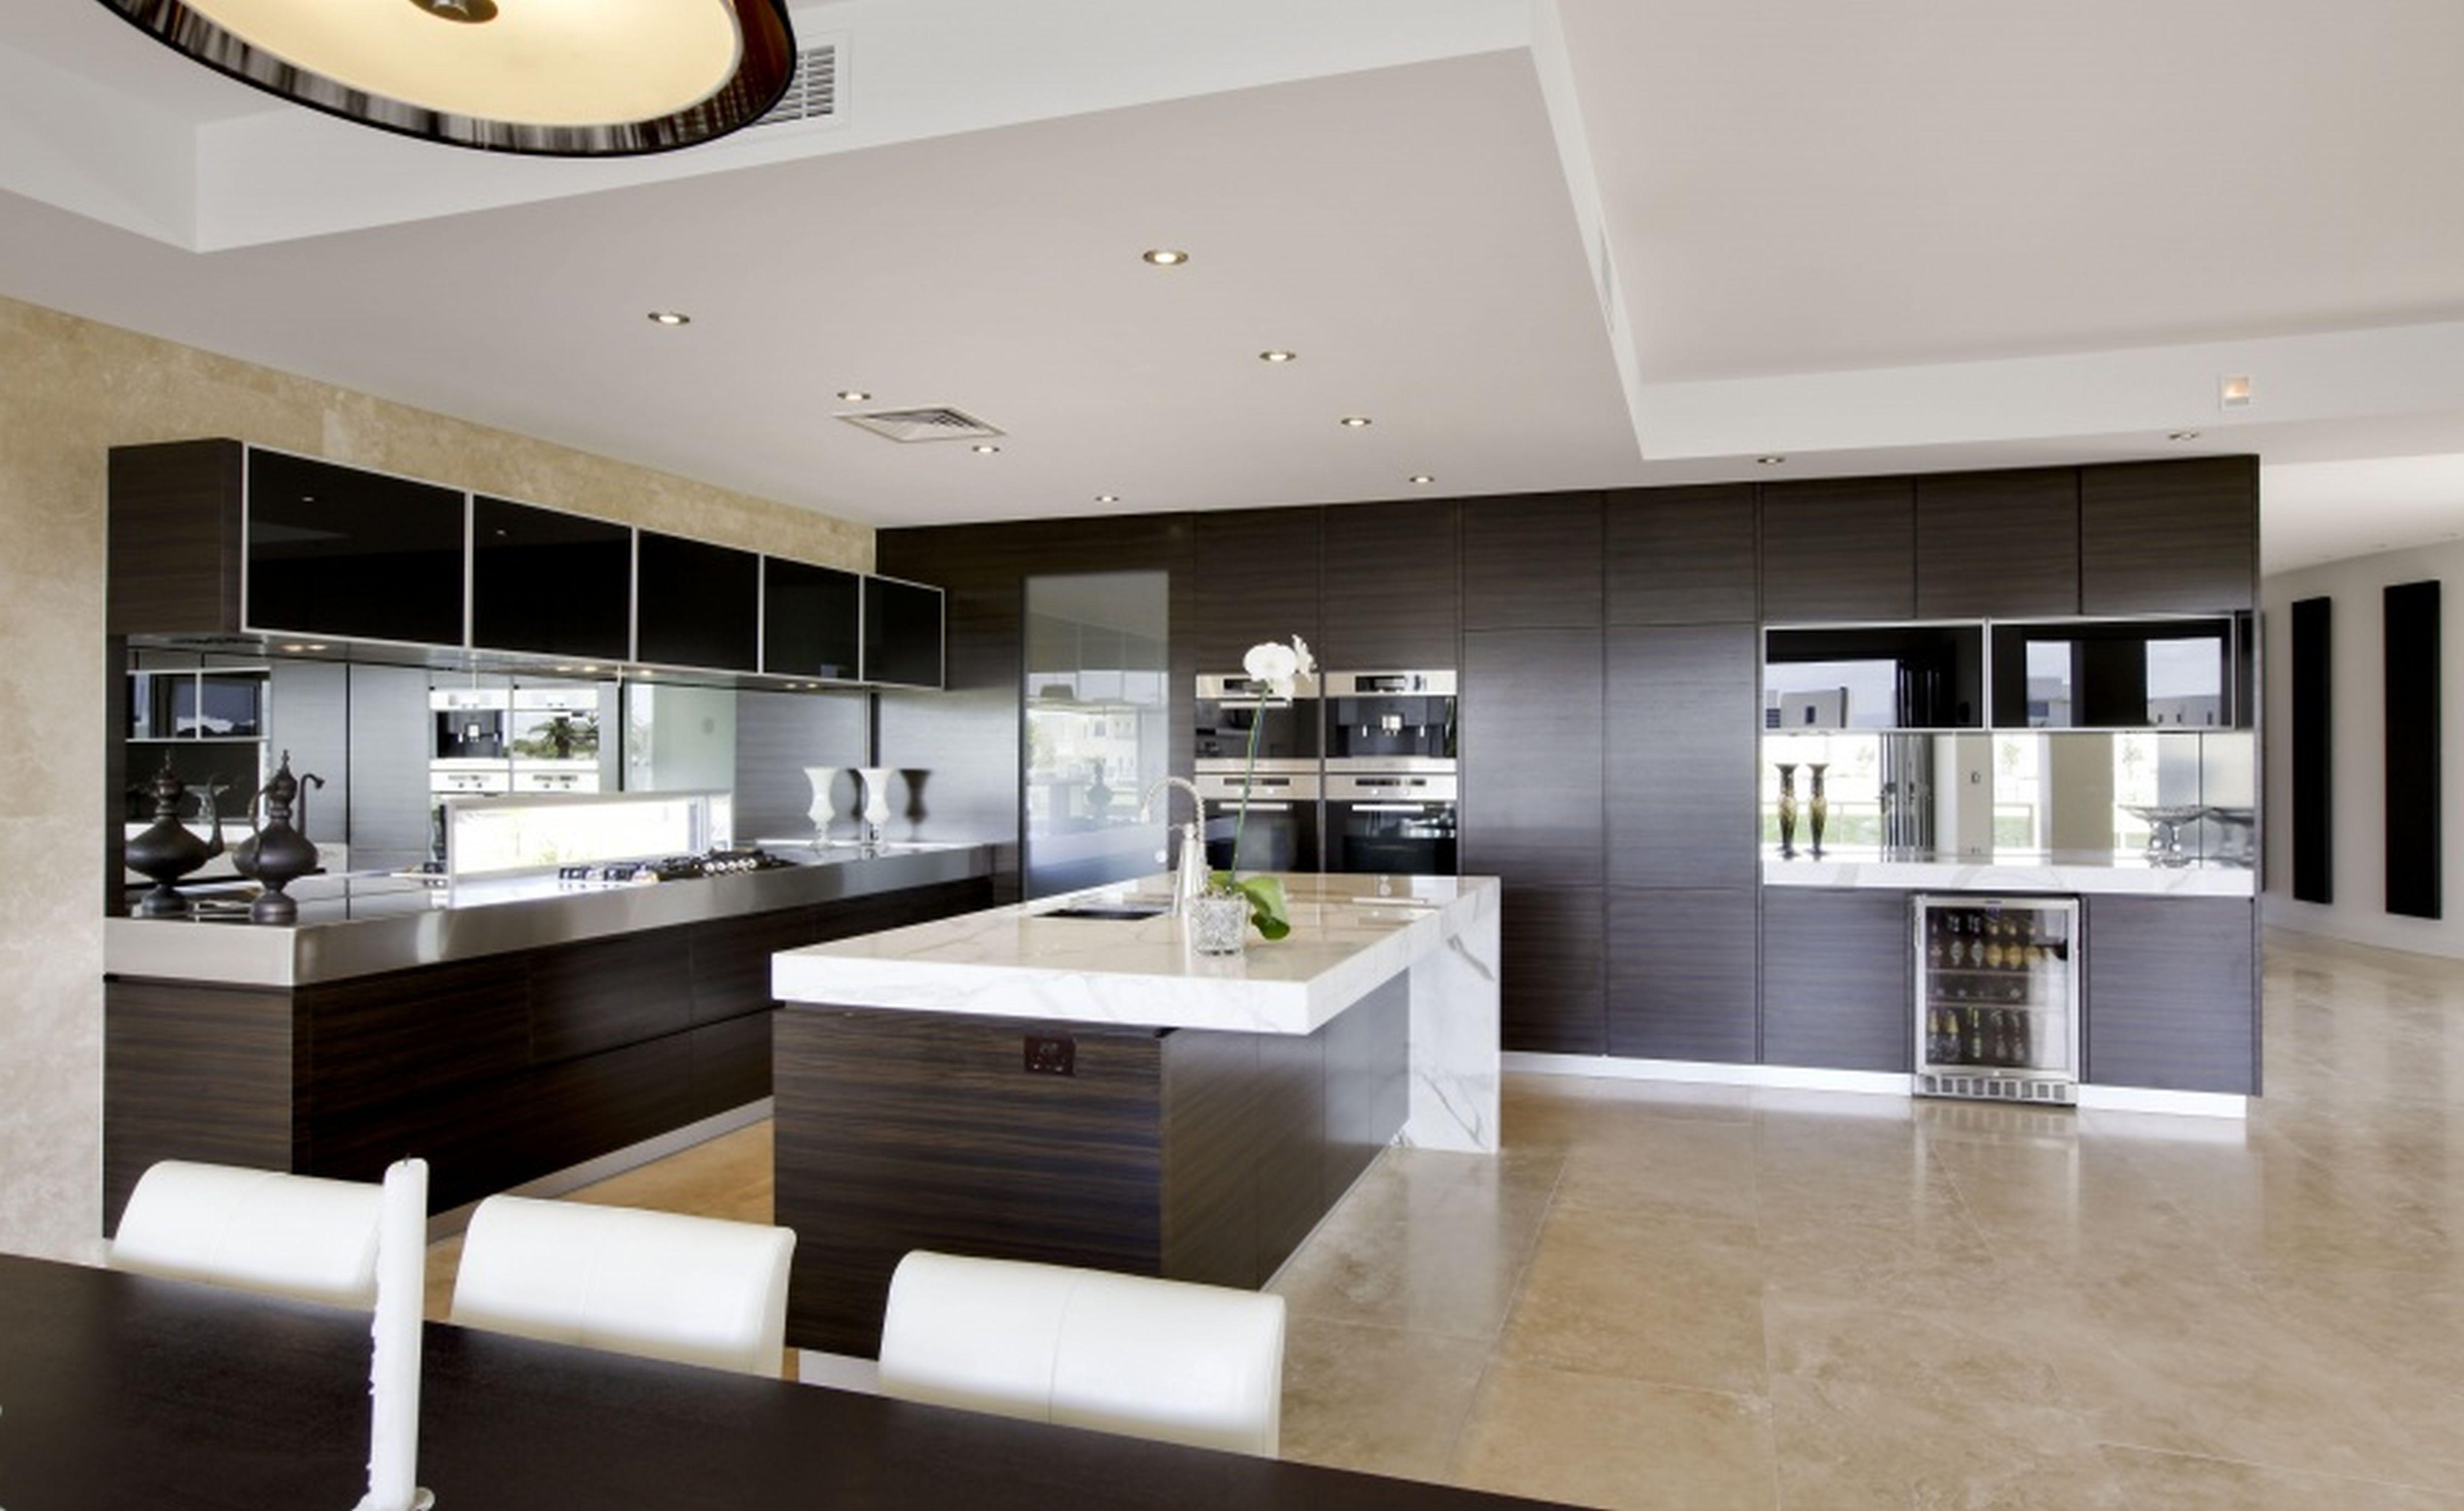 modern mad home interior design ideas beautiful kitchen ideas contemporary kitchen design on l kitchen interior modern id=41015